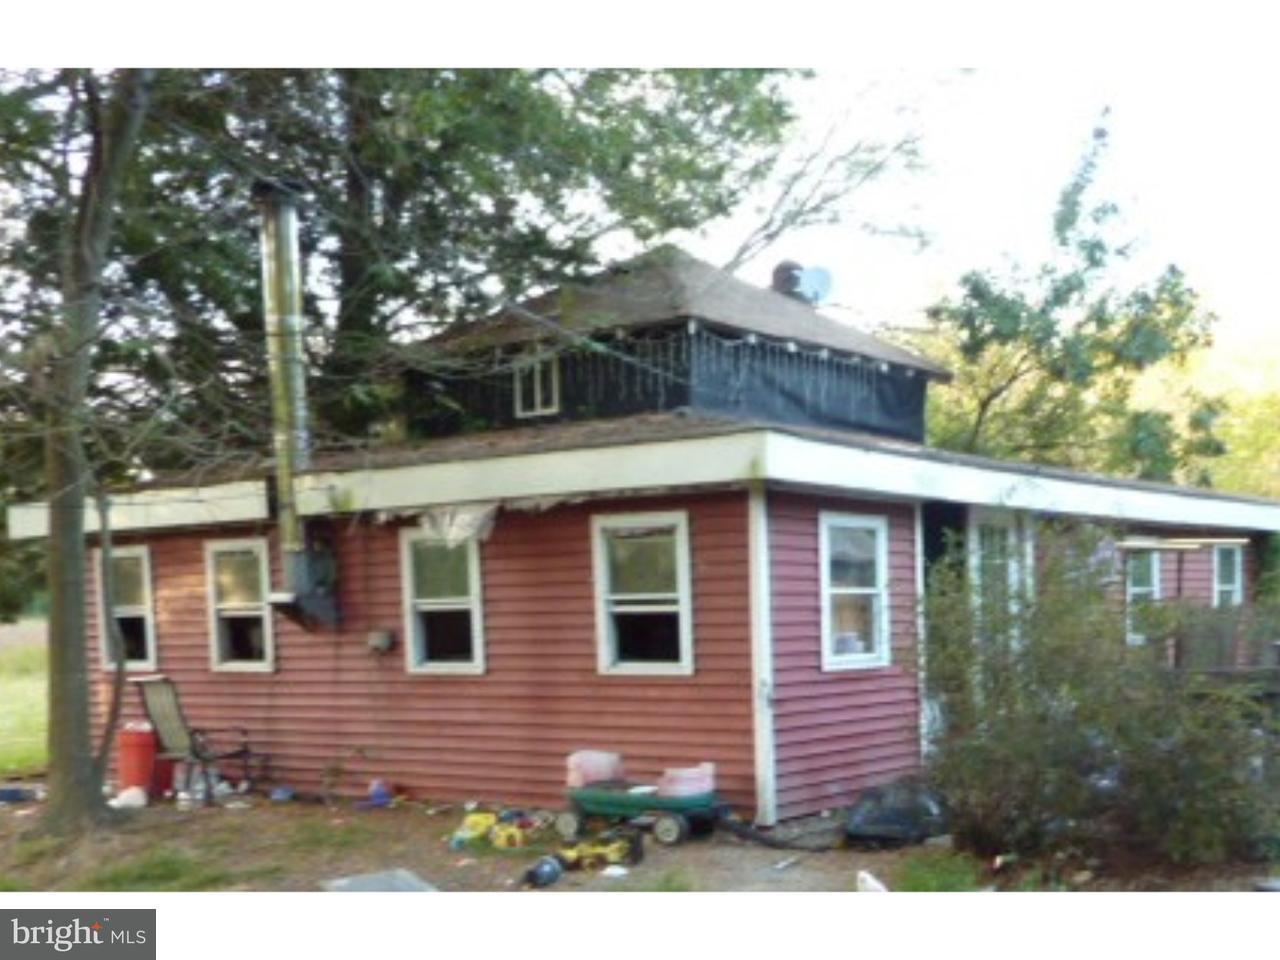 Частный односемейный дом для того Продажа на 381 MAIN Street Newport, Нью-Джерси 08345 Соединенные Штаты